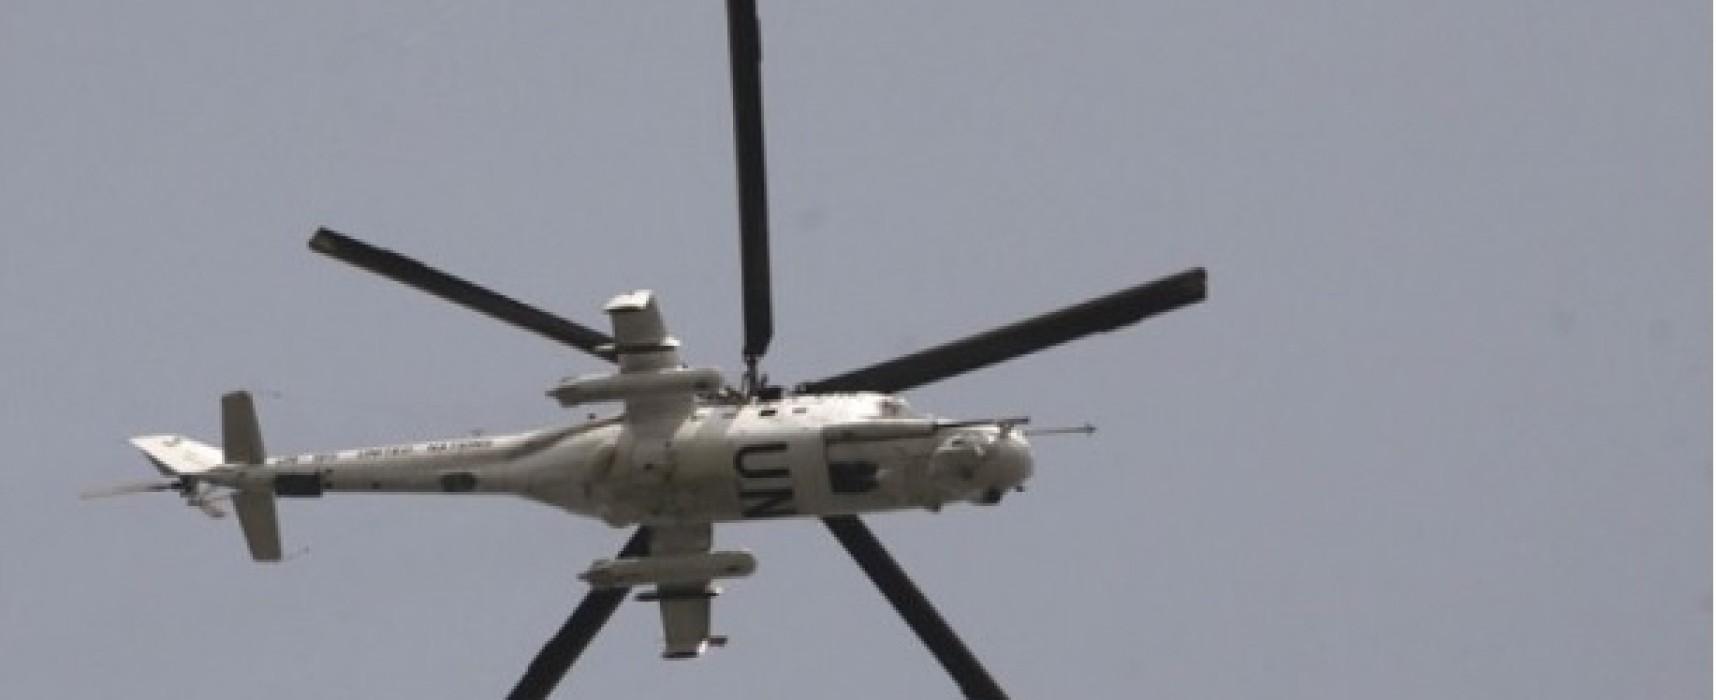 Российская делегация представила в ОБСЕ фейковое фото вертолета с символикой ООН в Украине